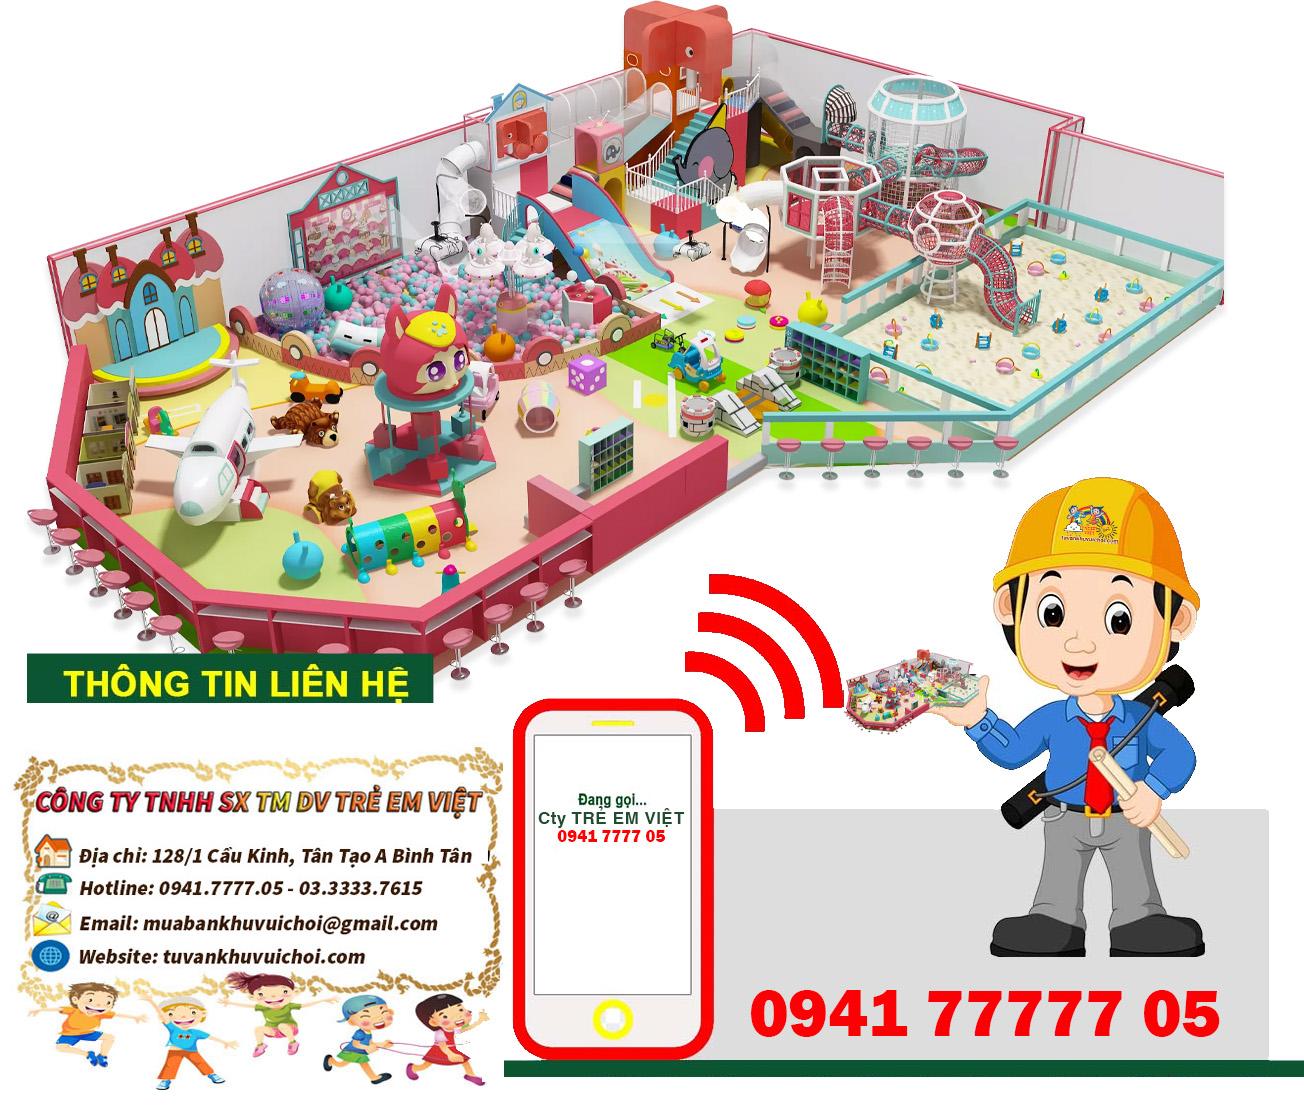 Dự toán khu vui chơi trẻ em